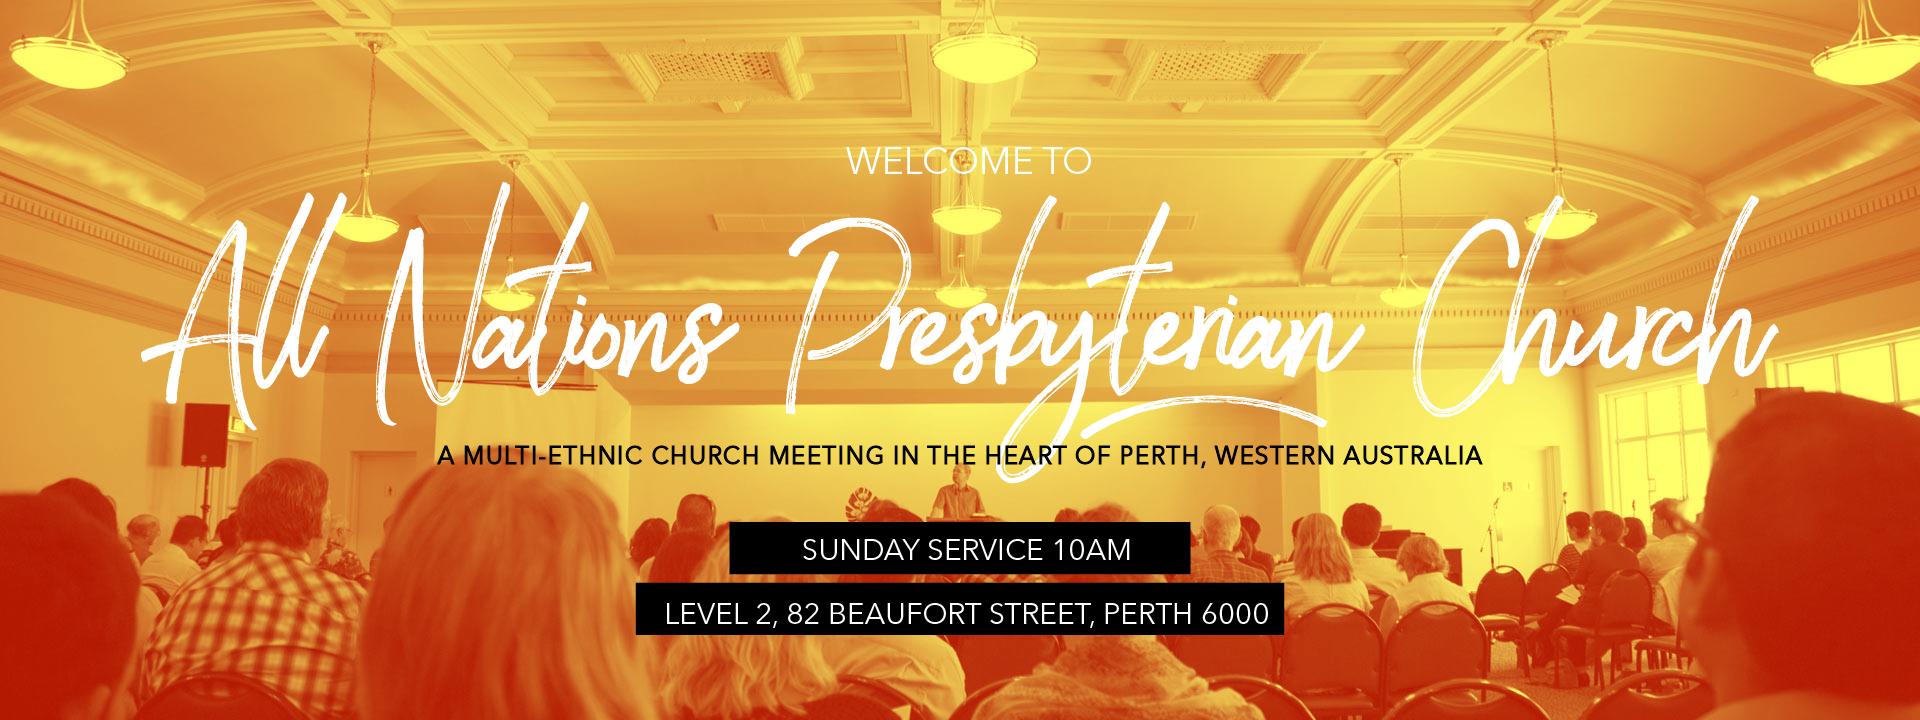 All Nations Presbyterian Church